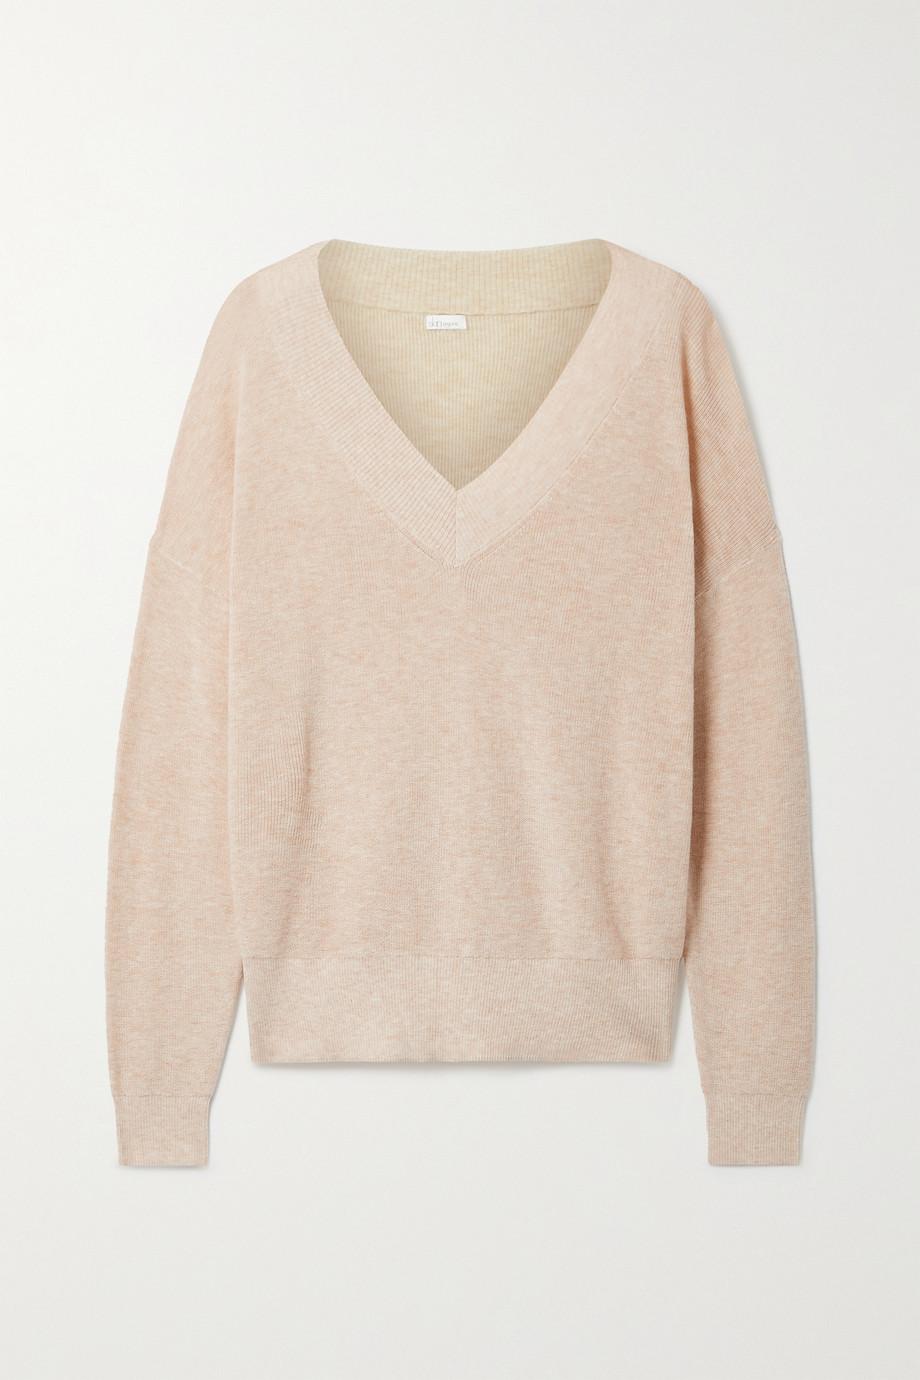 Skin + NET SUSTAIN Wakely Pullover aus einer Baumwollmischung